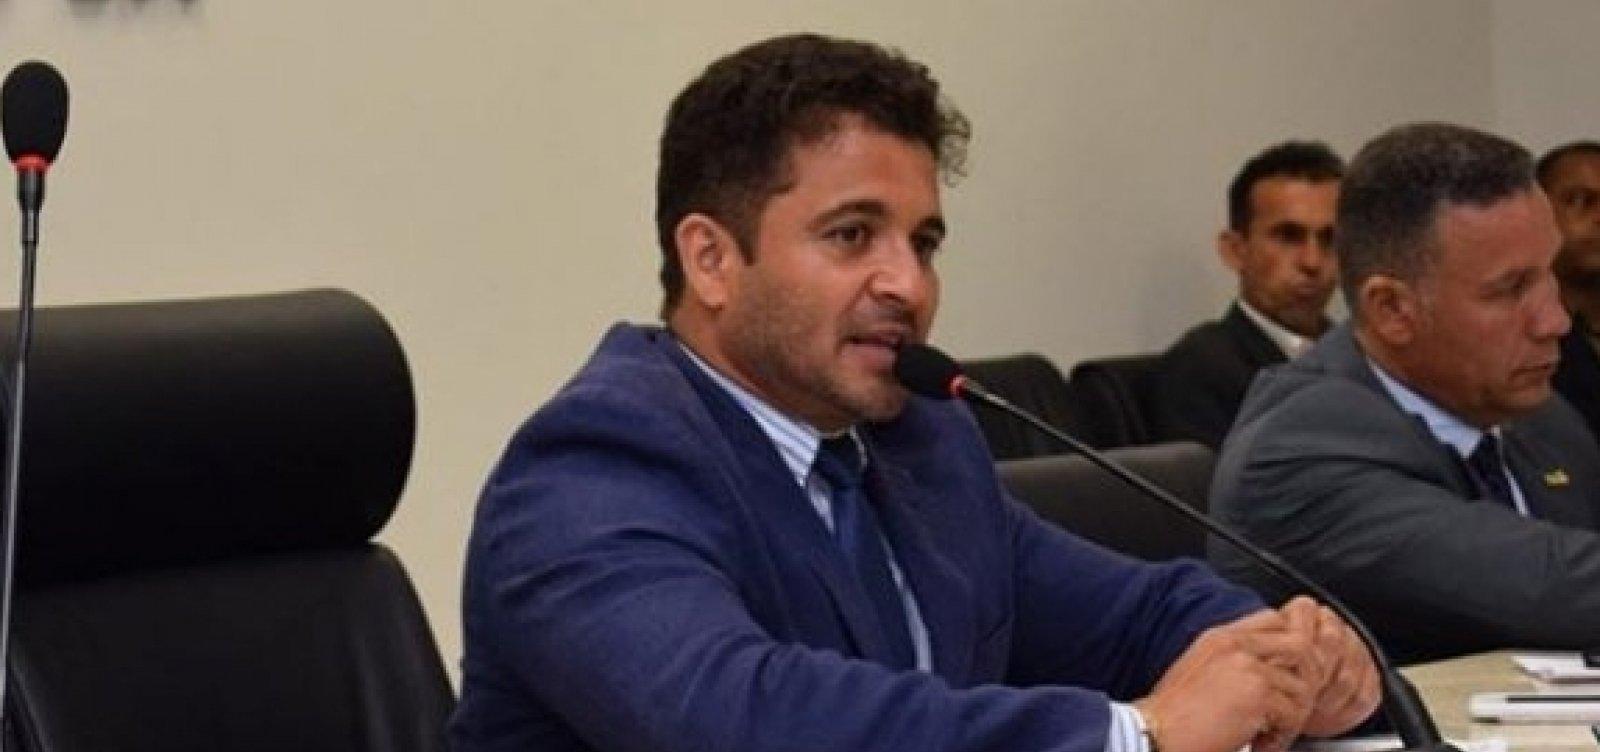 Mata de São João: Câmara quer exibir filme fora da faixa etária para crianças